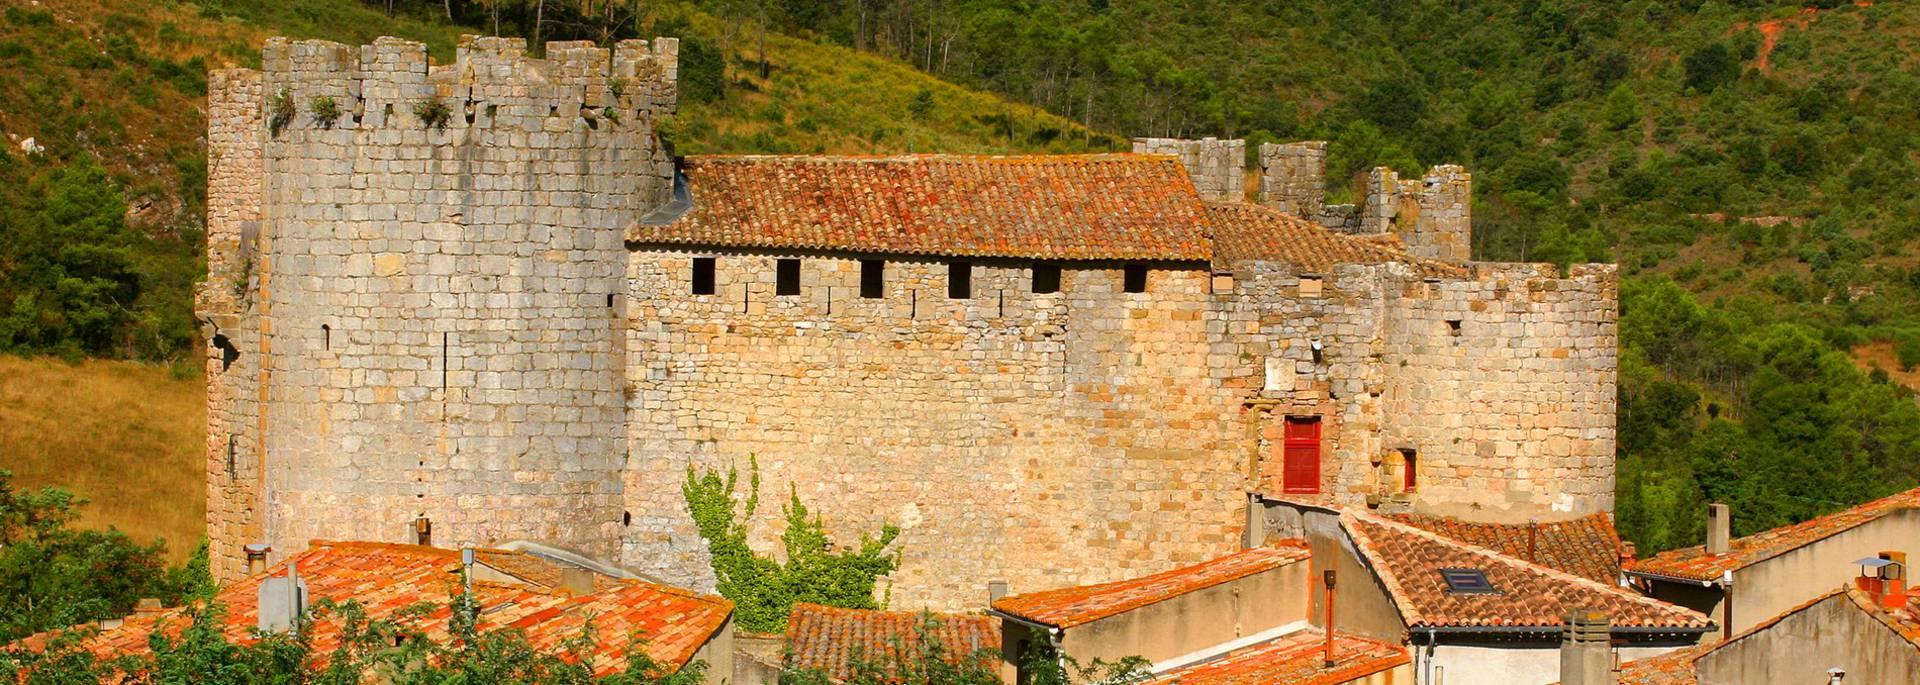 Château de Villerouge-Terménès